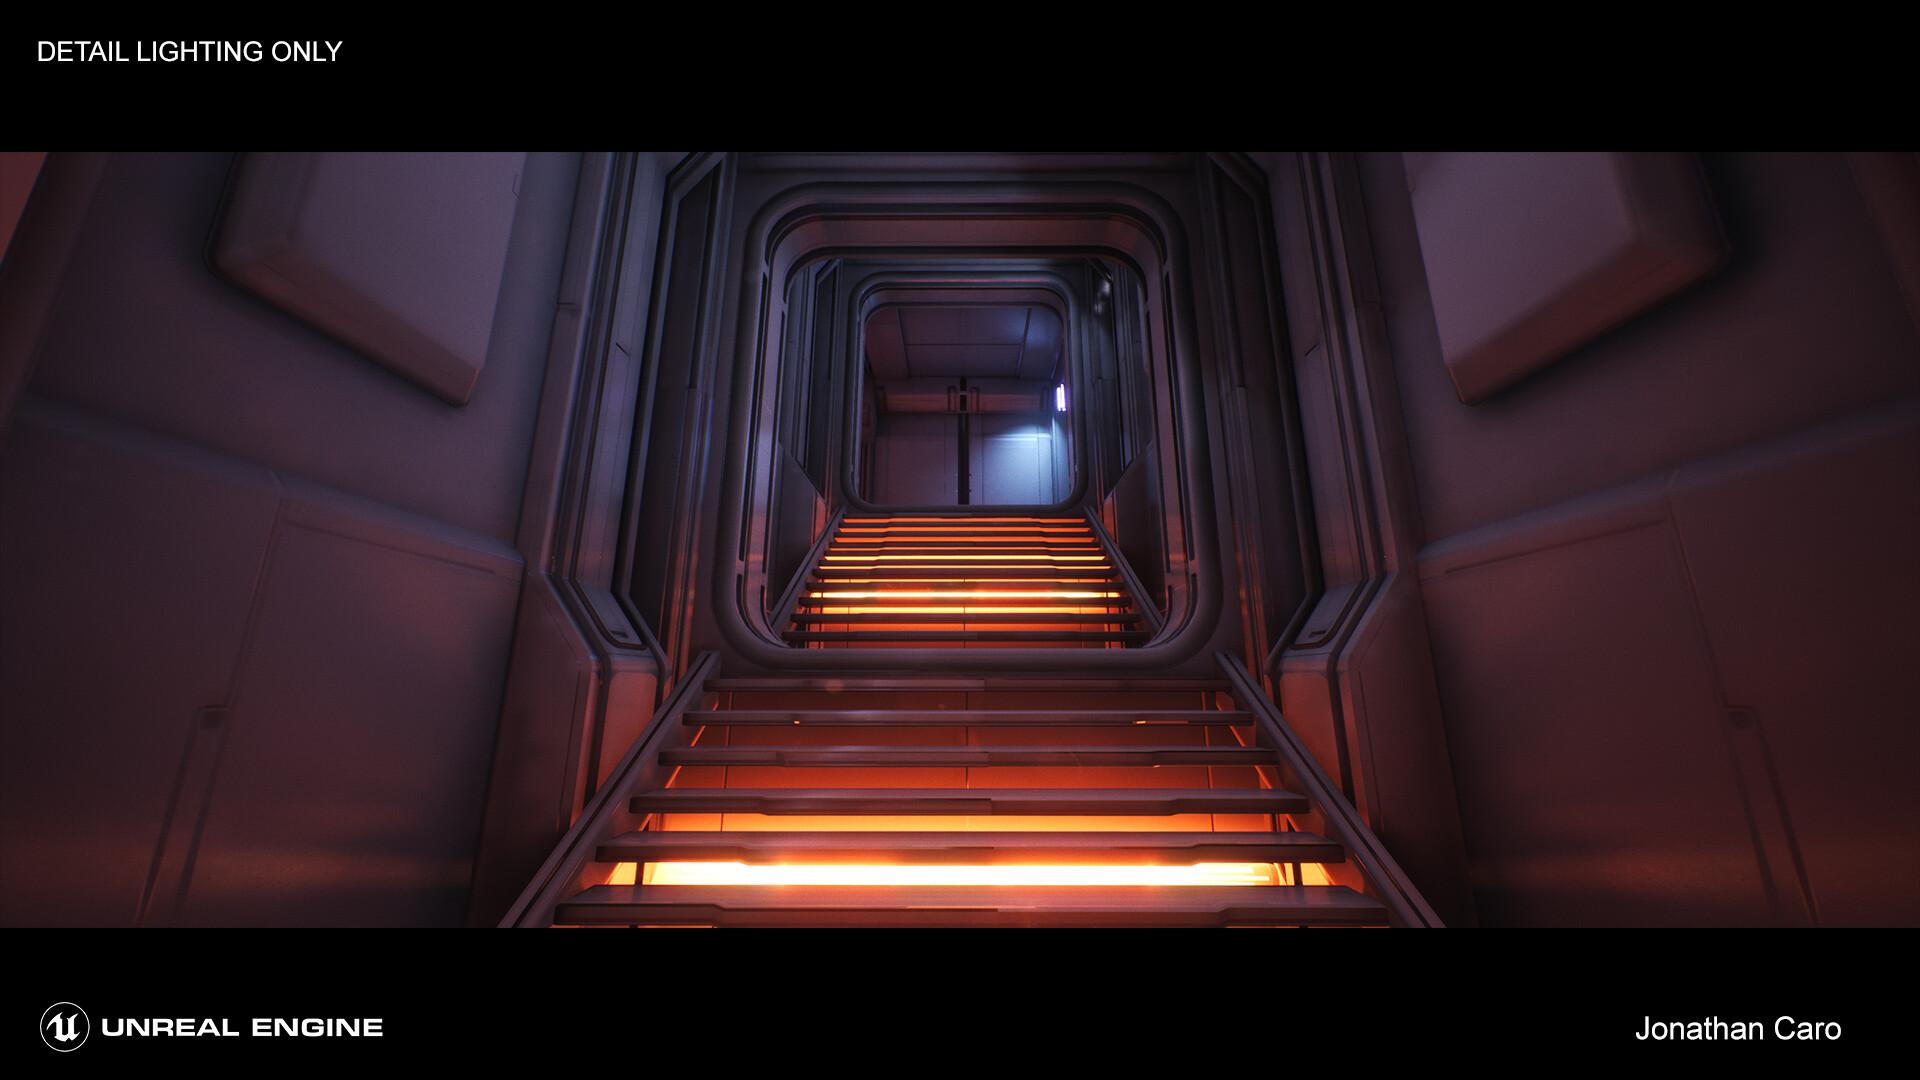 Jonathan caro joncaro unreallightstudy shot03 detaillight